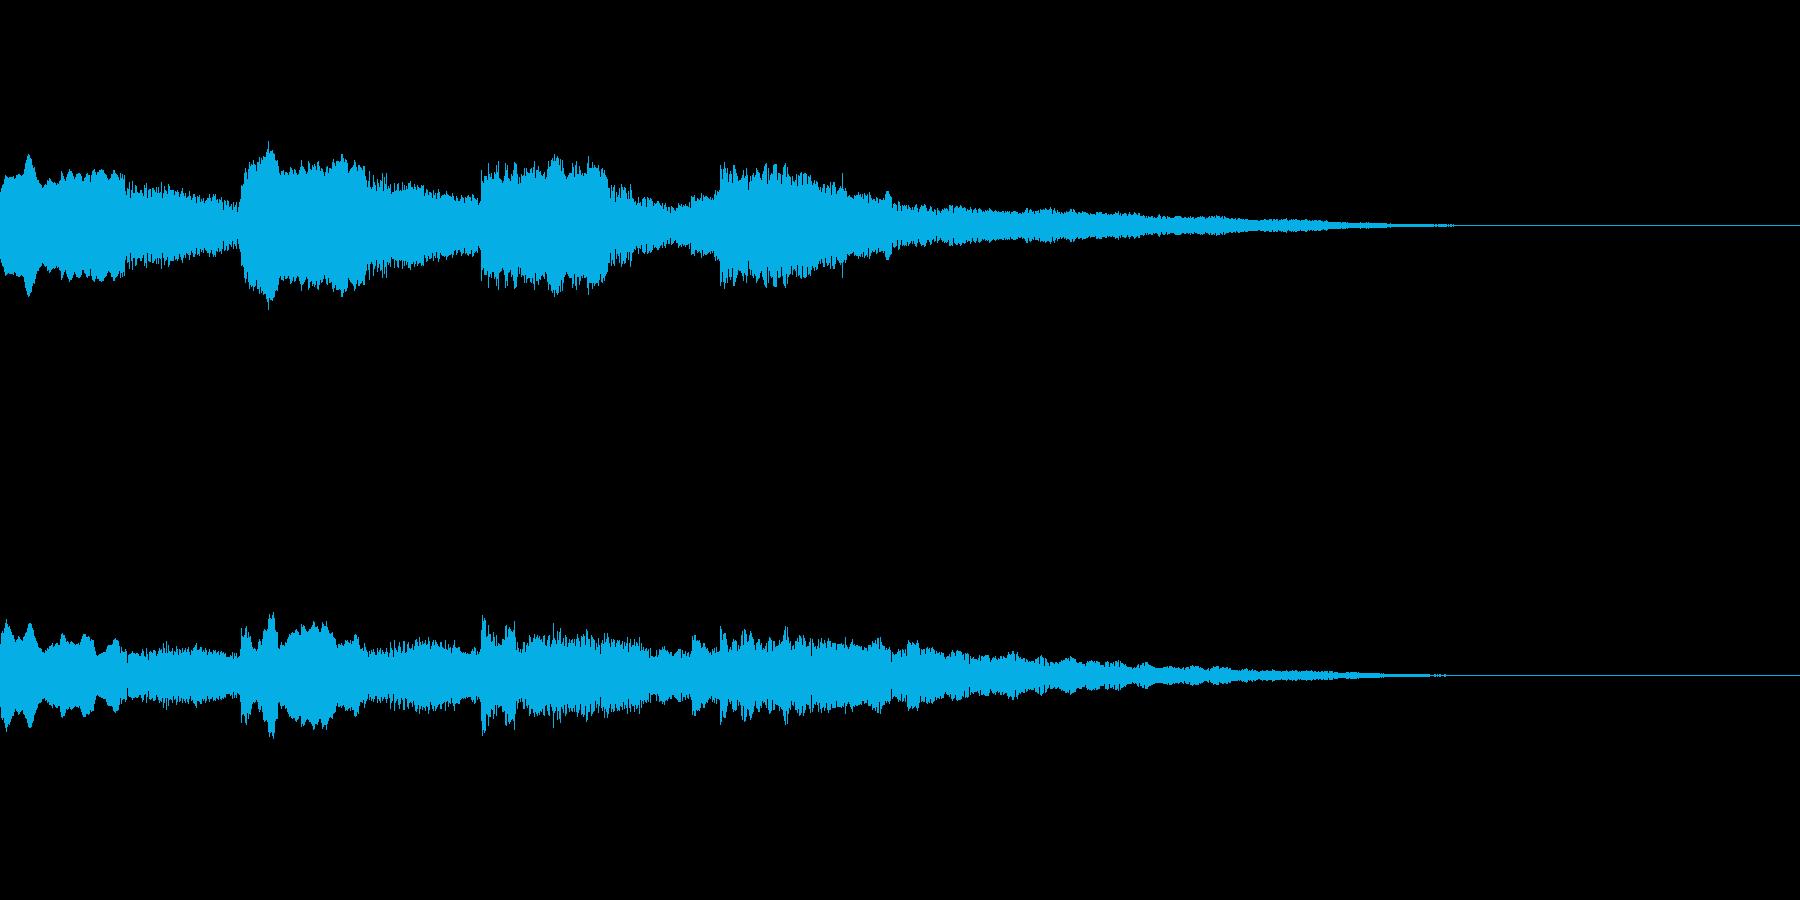 ほのぼの アイキャッチ 場面転換の再生済みの波形